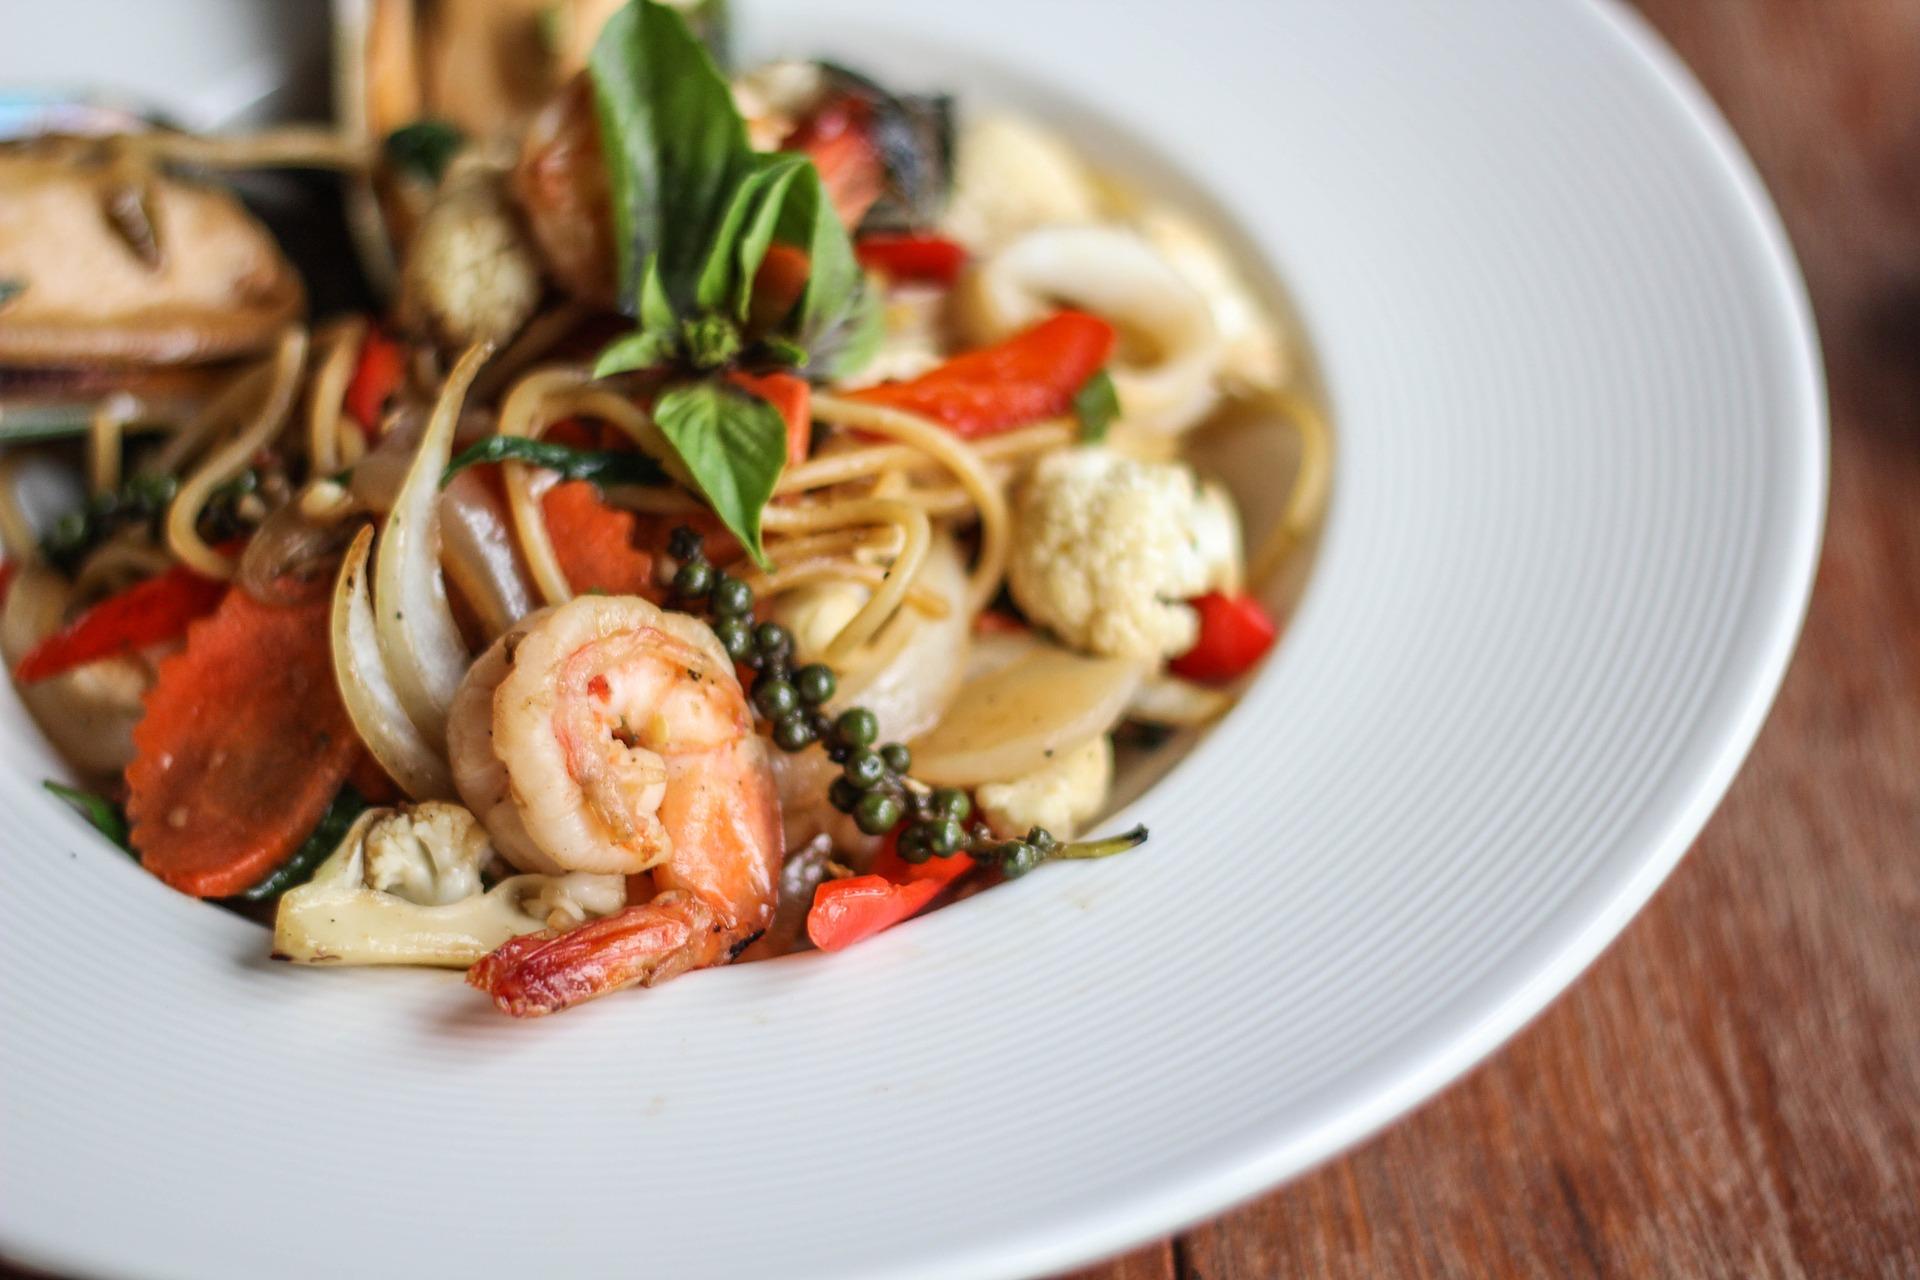 Seafood Pasta | ©postchiangmai0/Pixabay